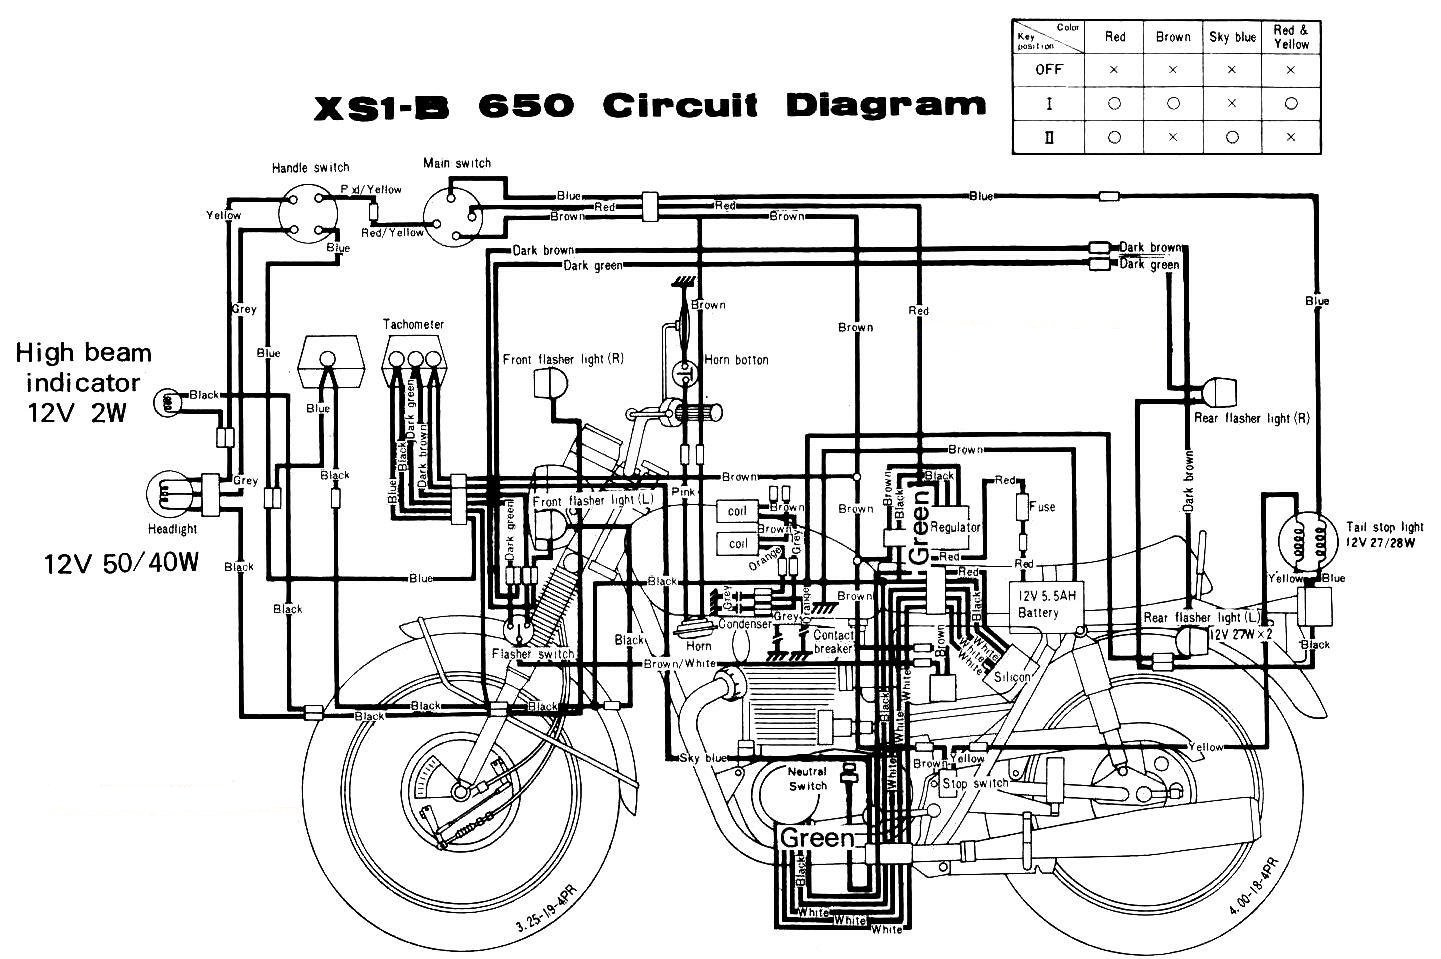 1976 Suzuki Ts185 Wiring Diagram - Wiring Diagram And Schematics